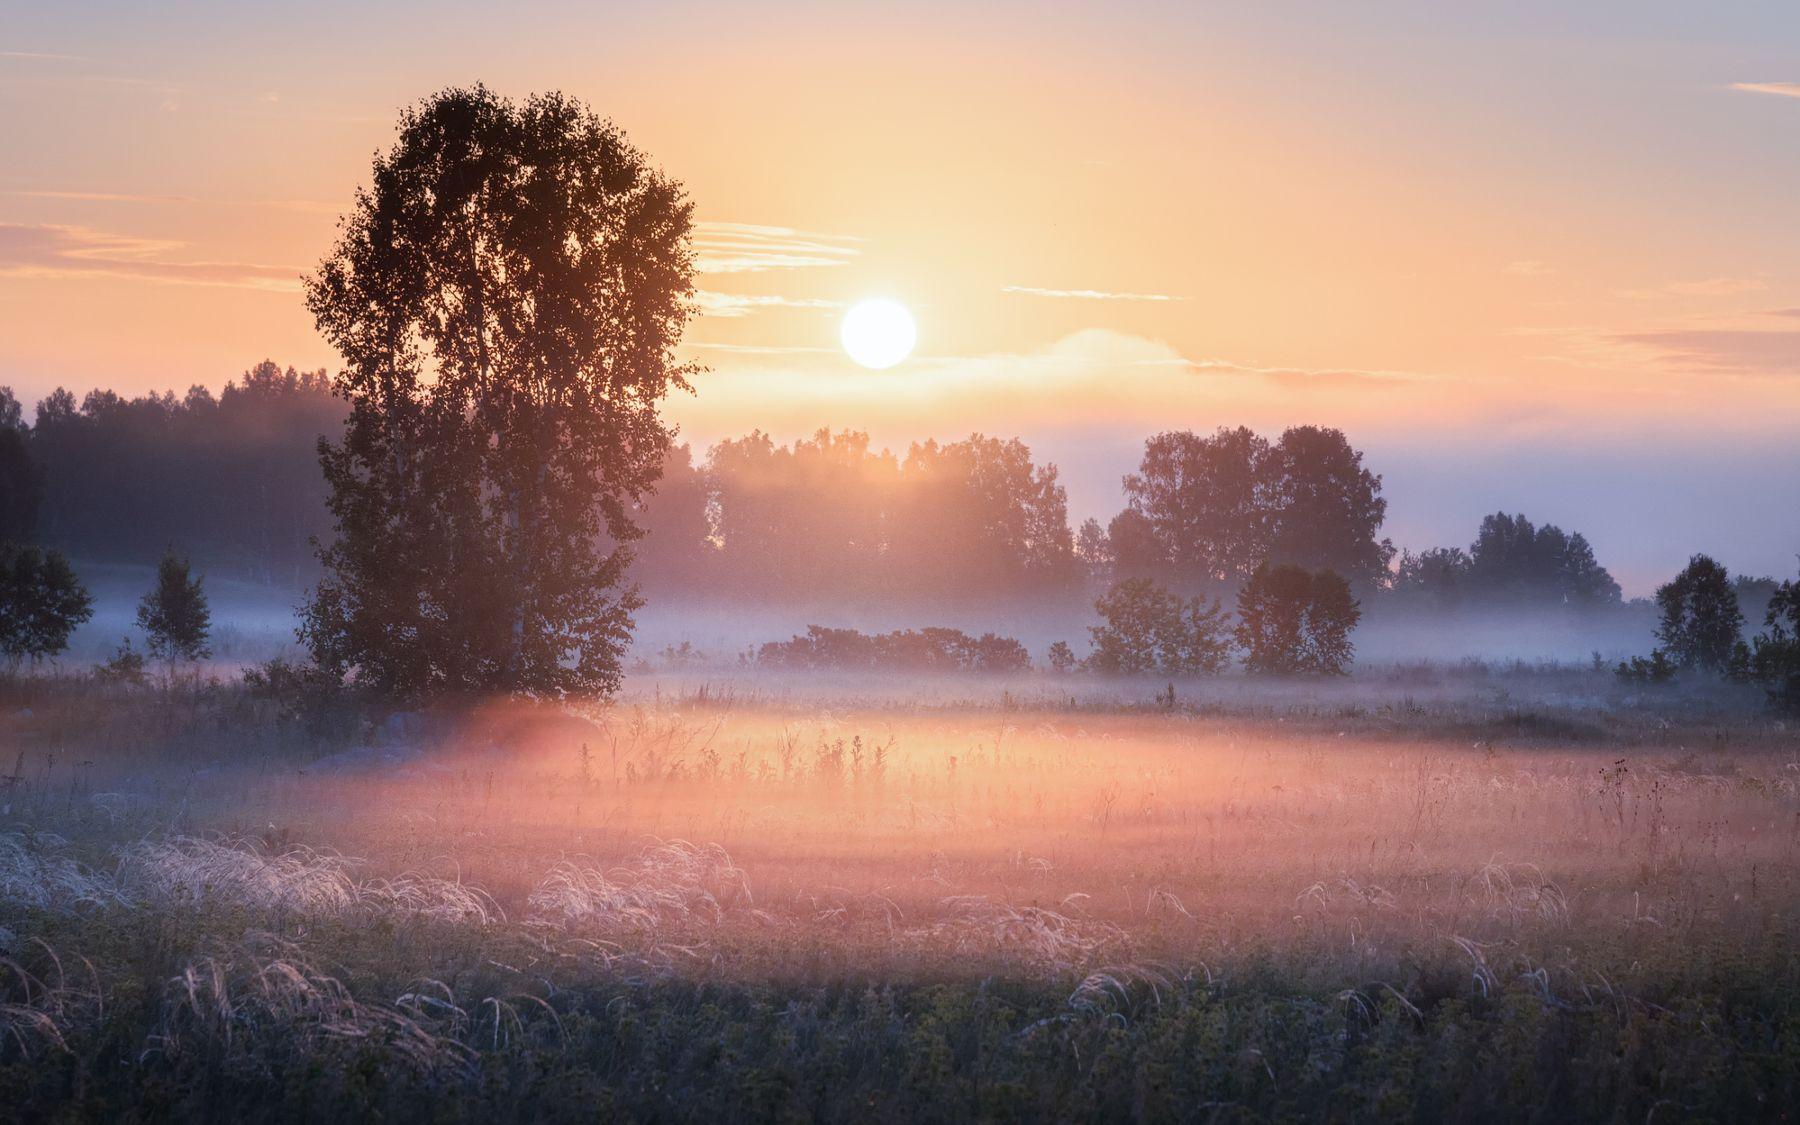 В золоте тумана утро туман восход солнце рассвет новосибирская область золотой час летнее